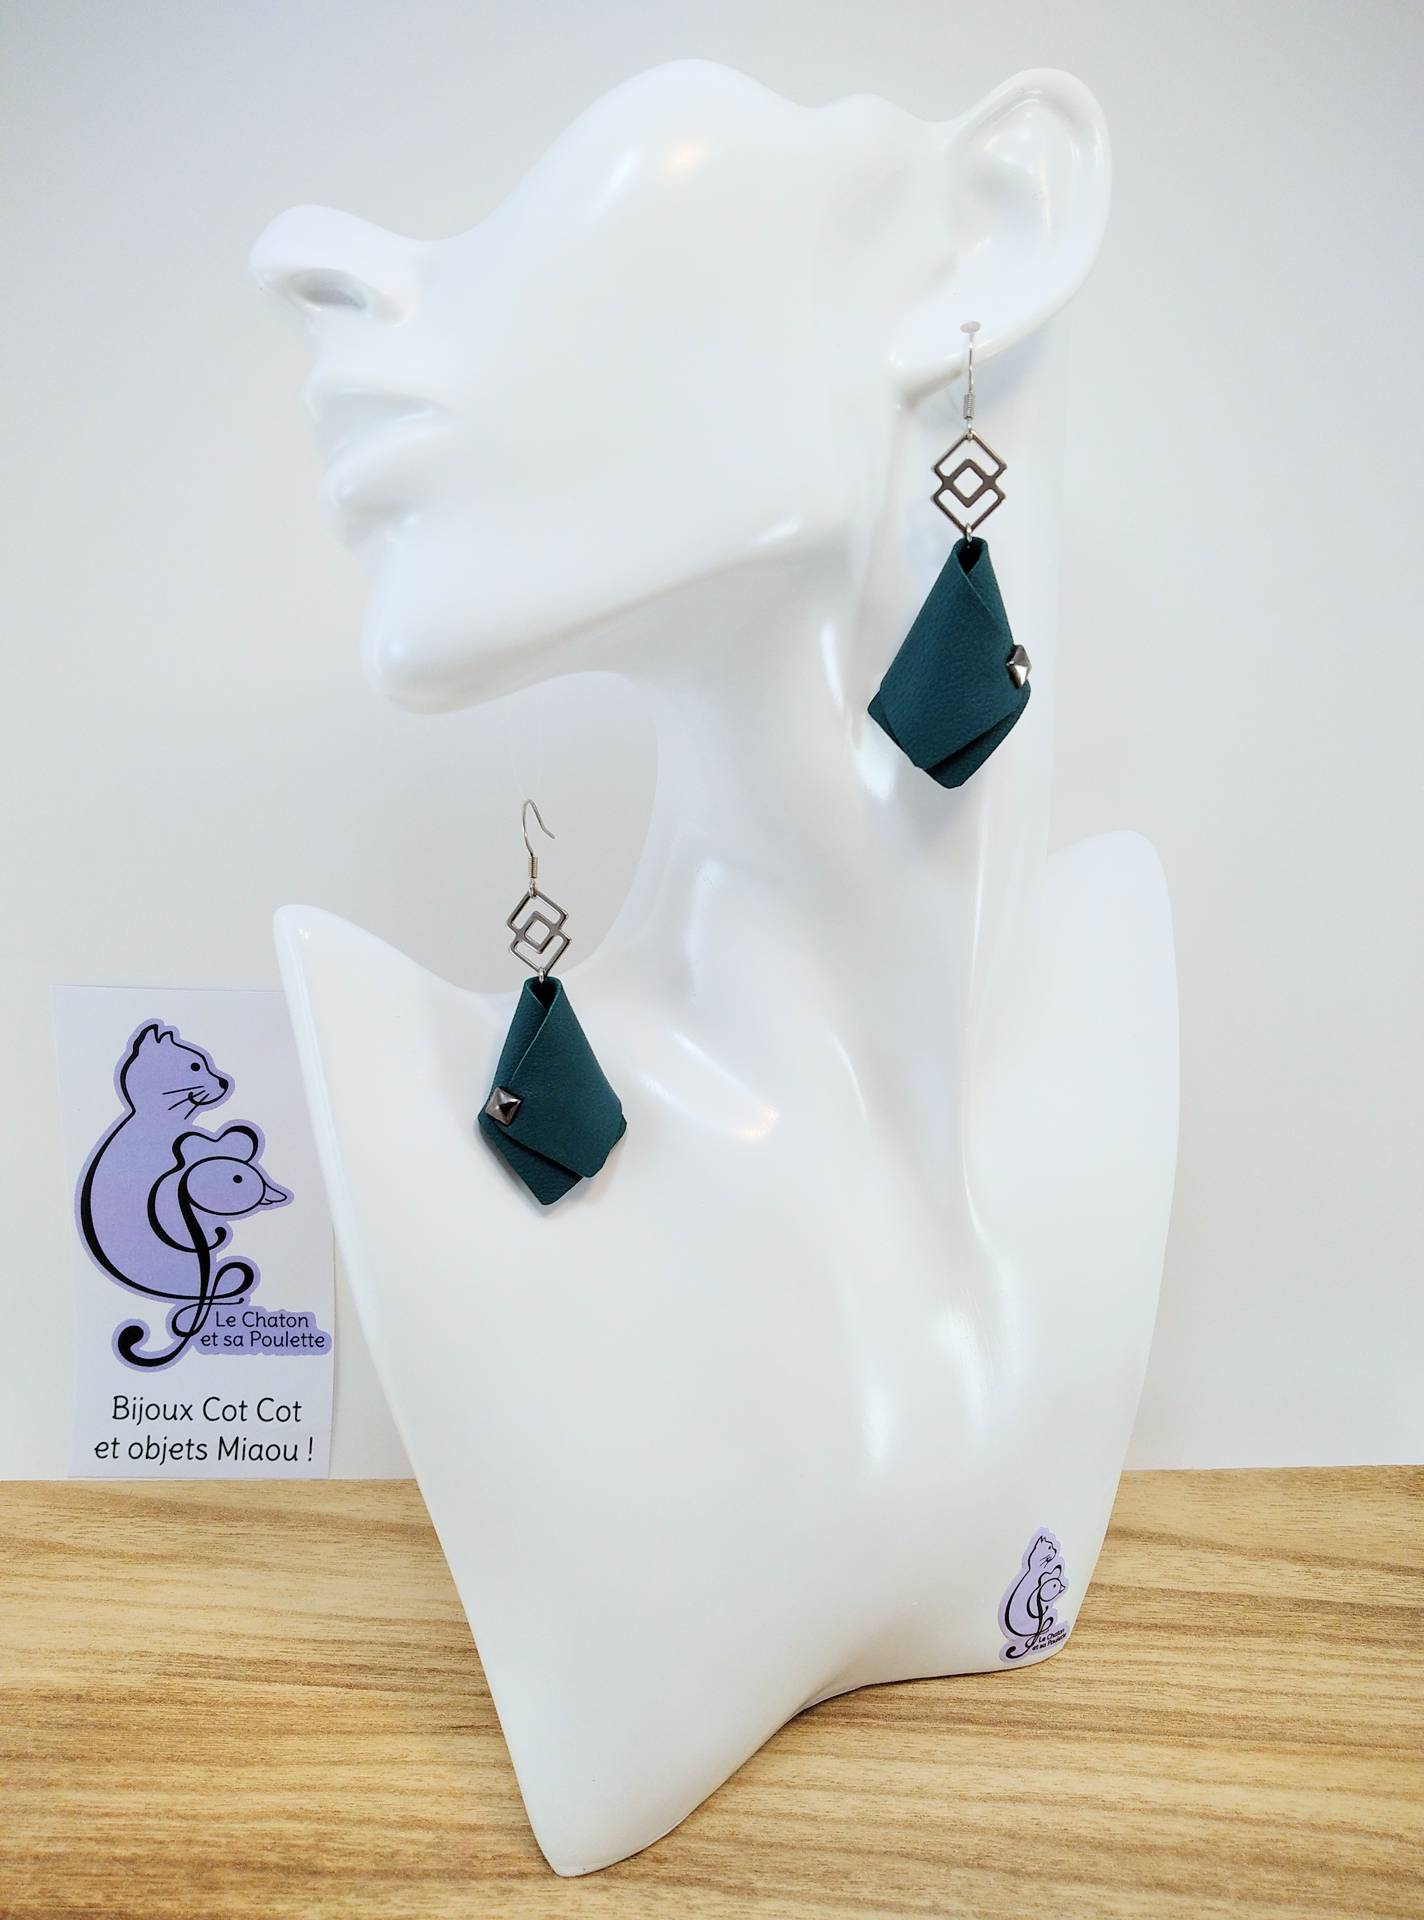 GAGNEES CONCOURS ! BO FORMIDABLE modèle VAL Cuir vert émeraude, breloque inox carrés entrelacés et carré diamant laiton noir